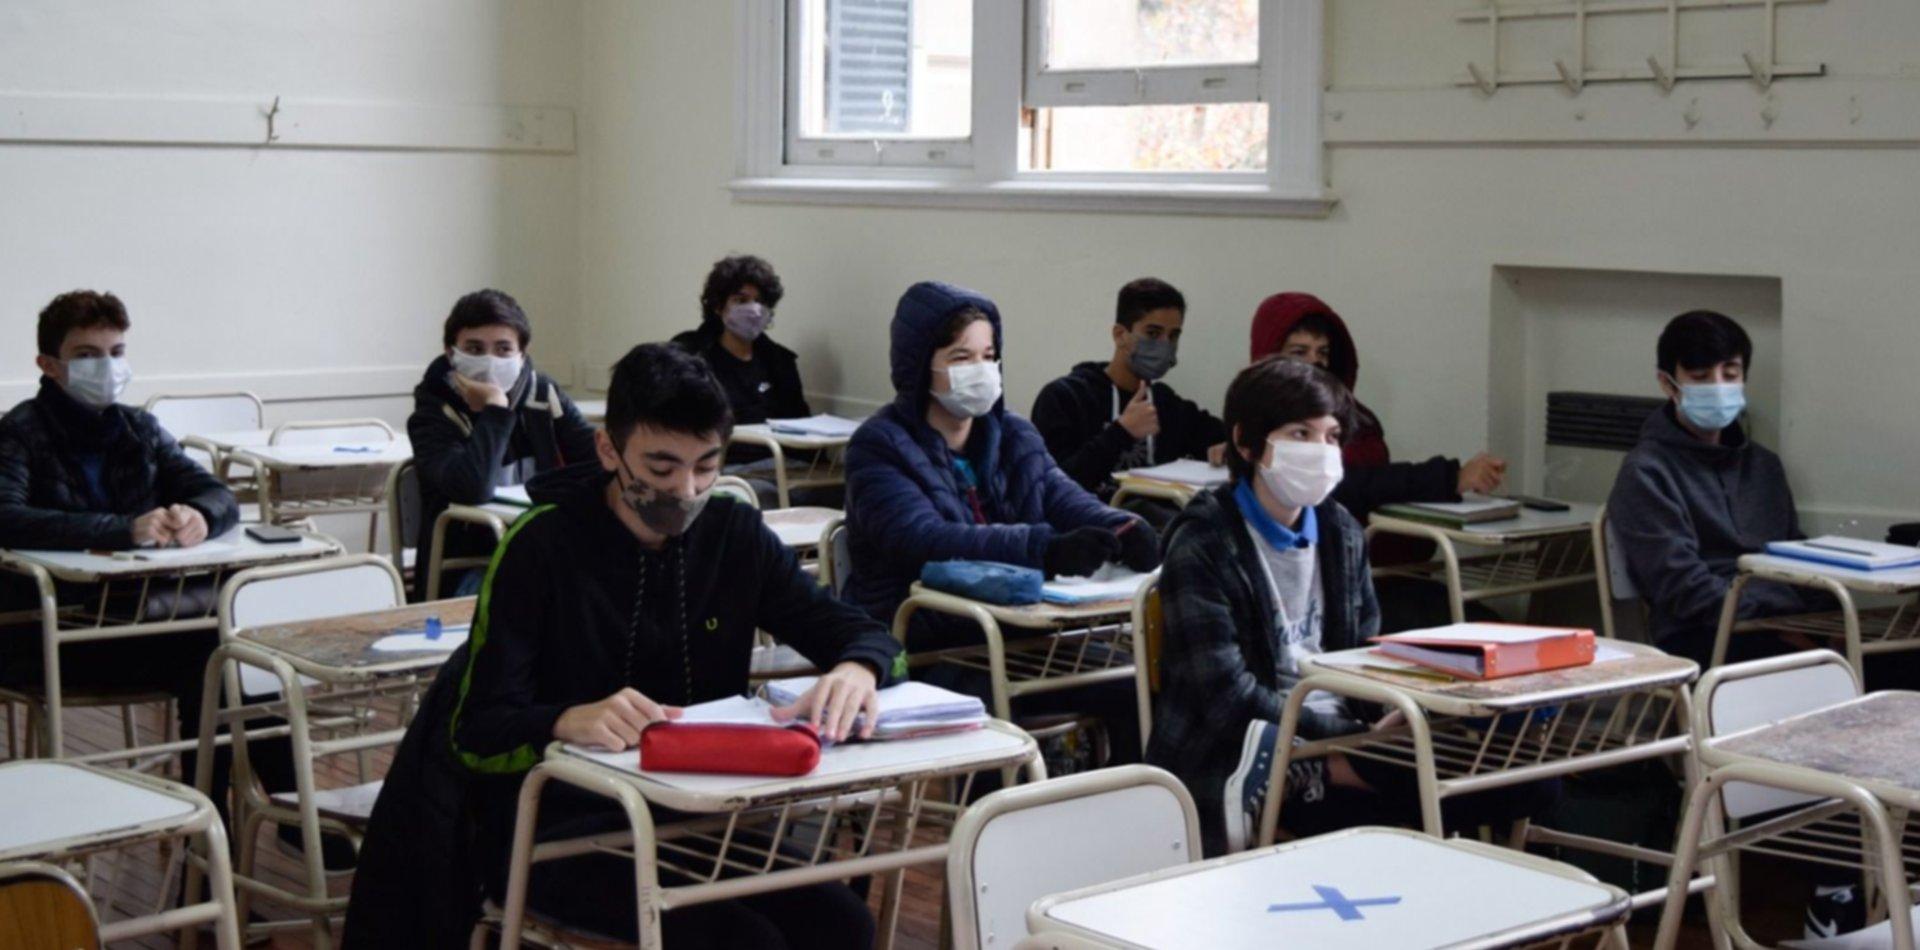 Los colegios de enseñanza preuniversitaria de la UNLP regresaron a clases presenciales